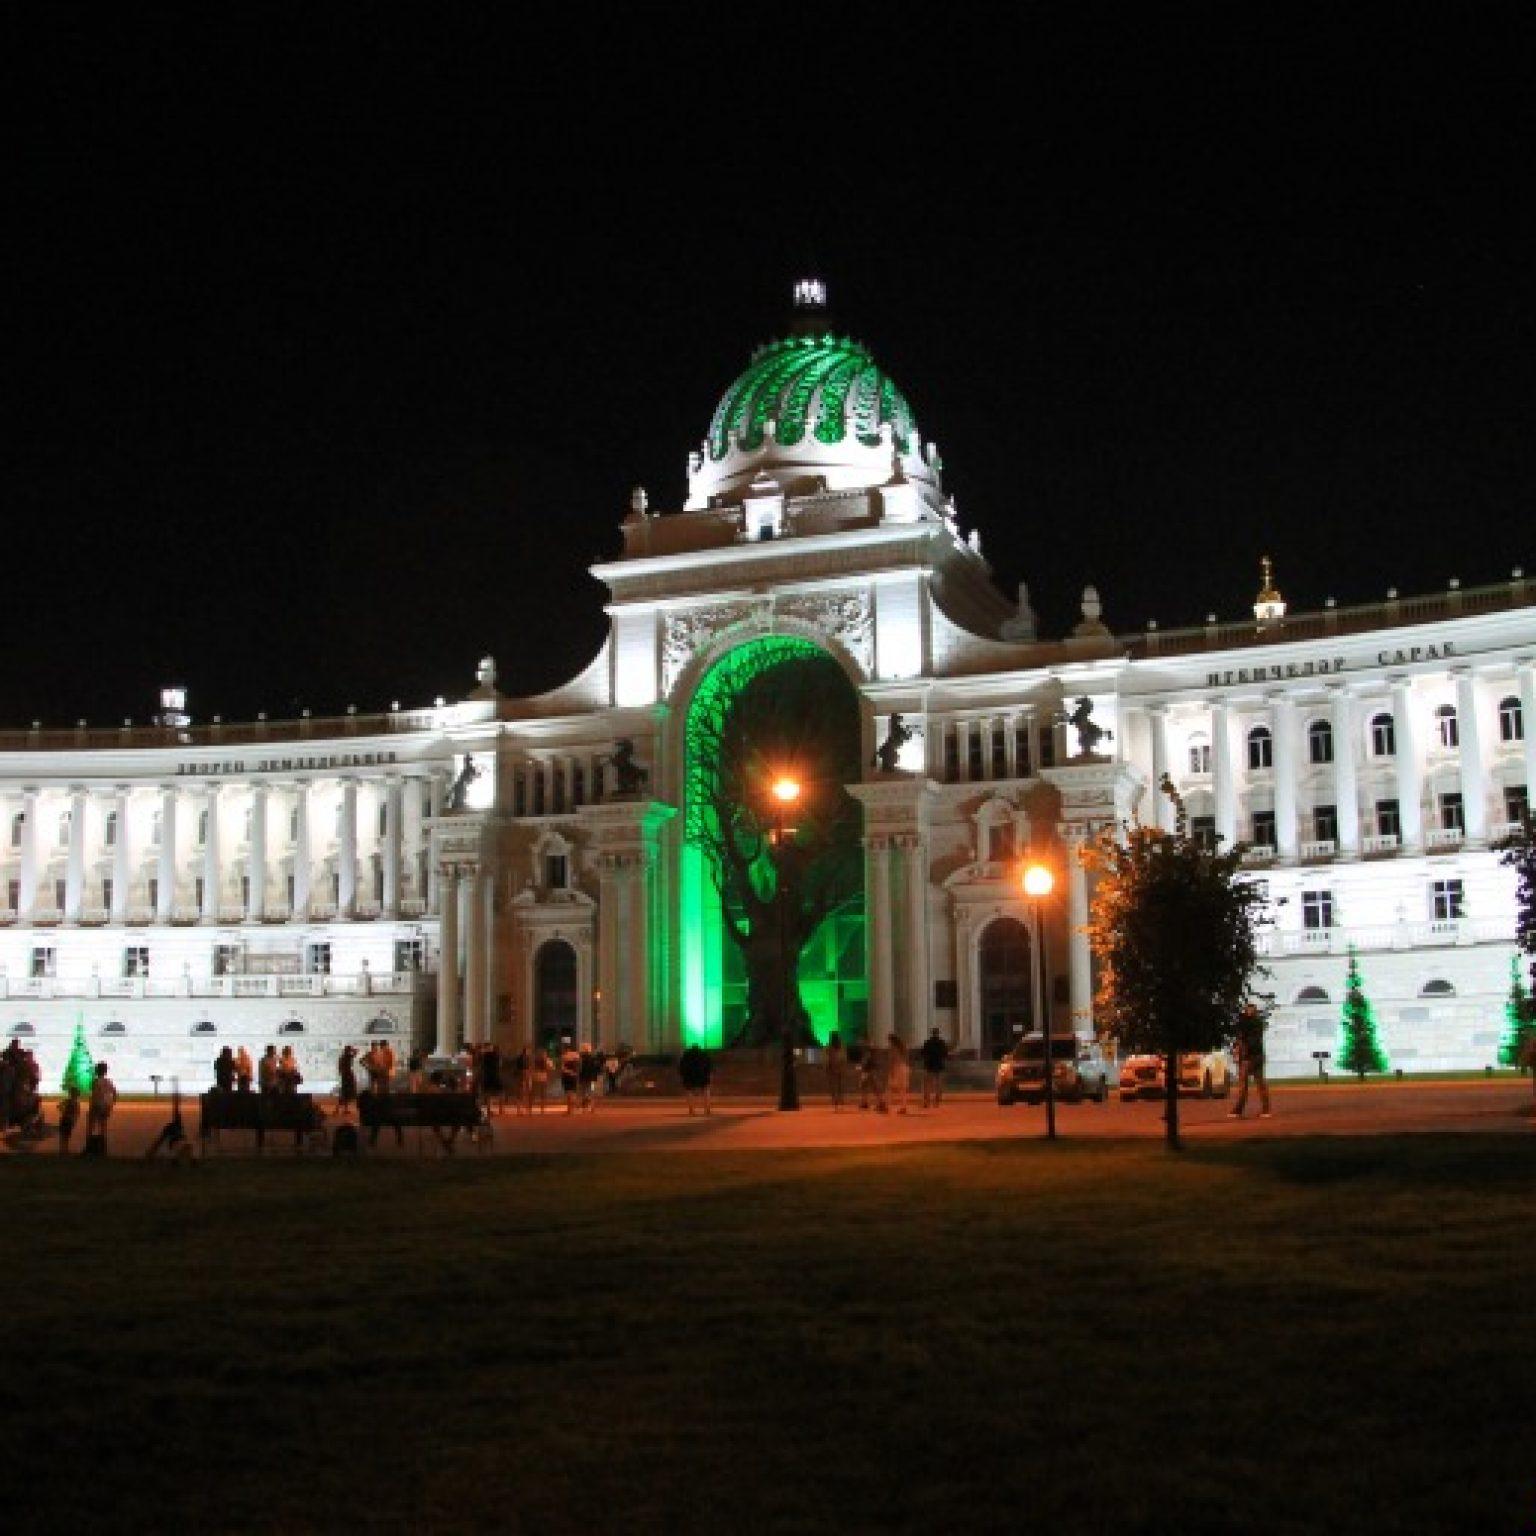 Достопримечательности Казани: Дворец земледельцев